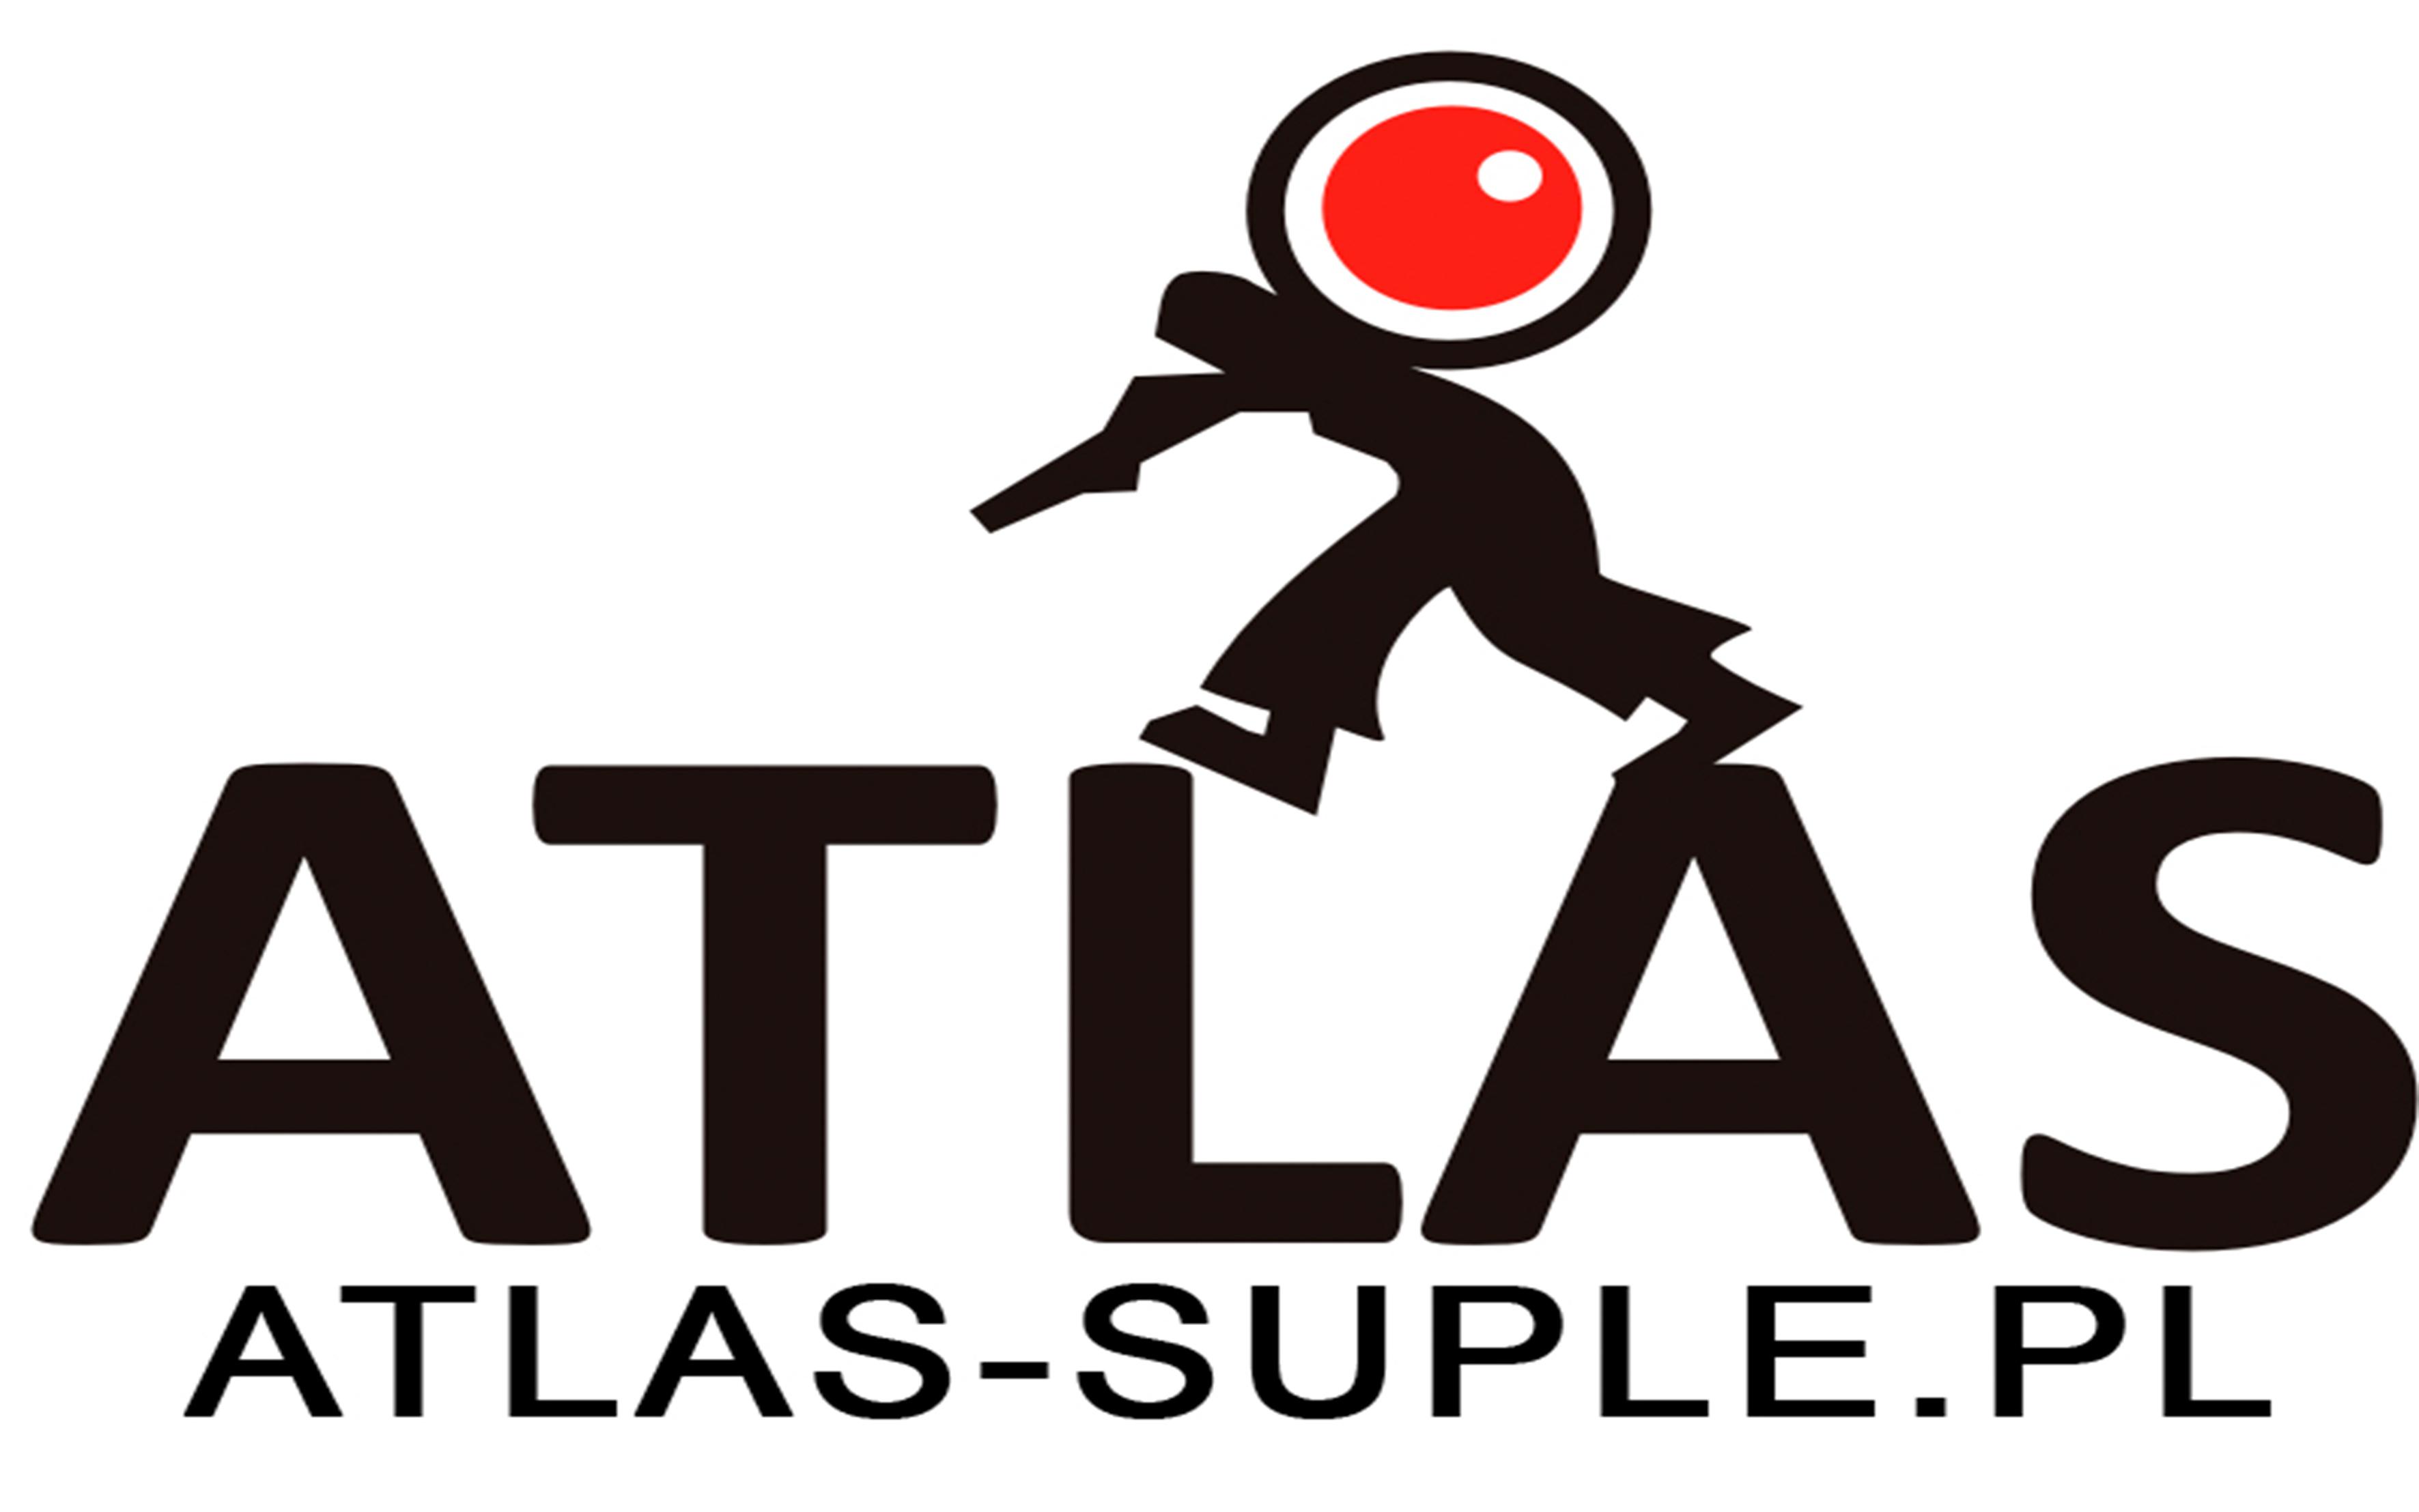 http://pfnw.eu/wp-content/uploads/2017/01/atlas.jpg